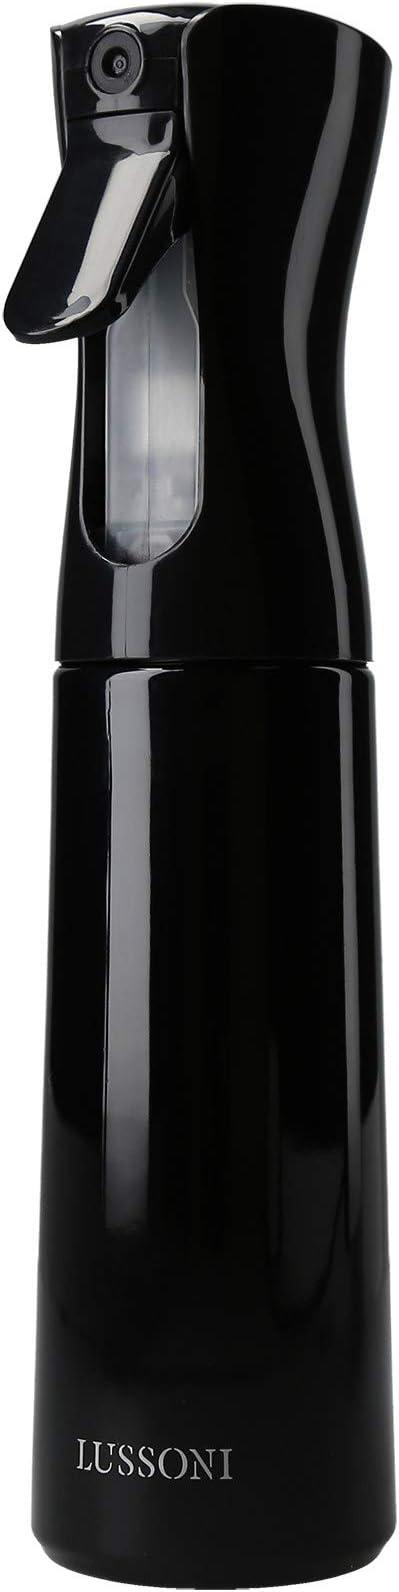 28 opinioni per T4B LUSSONI Spray Bottle Nebulizzatore Per Parrucchiere, Spruzzino